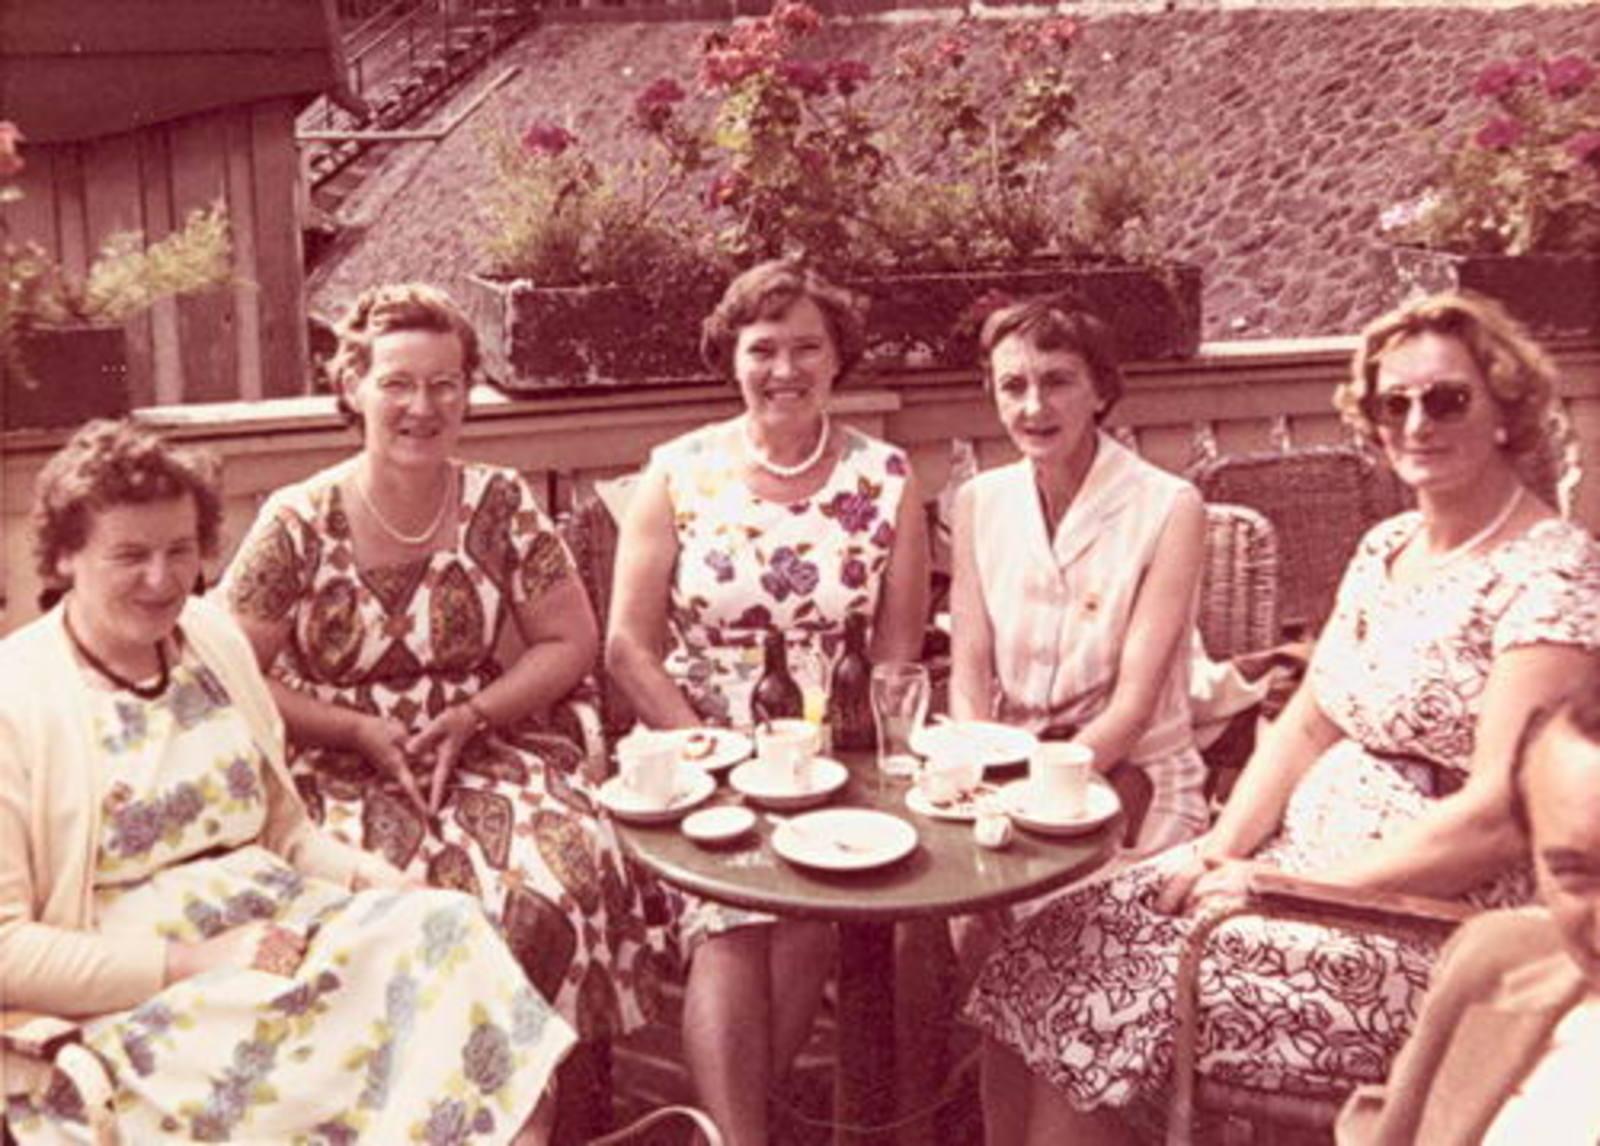 Imanse - Bliek Leentje 1920 1960+ met Kaartclub de Jokervrouwen in Amsterdam 01